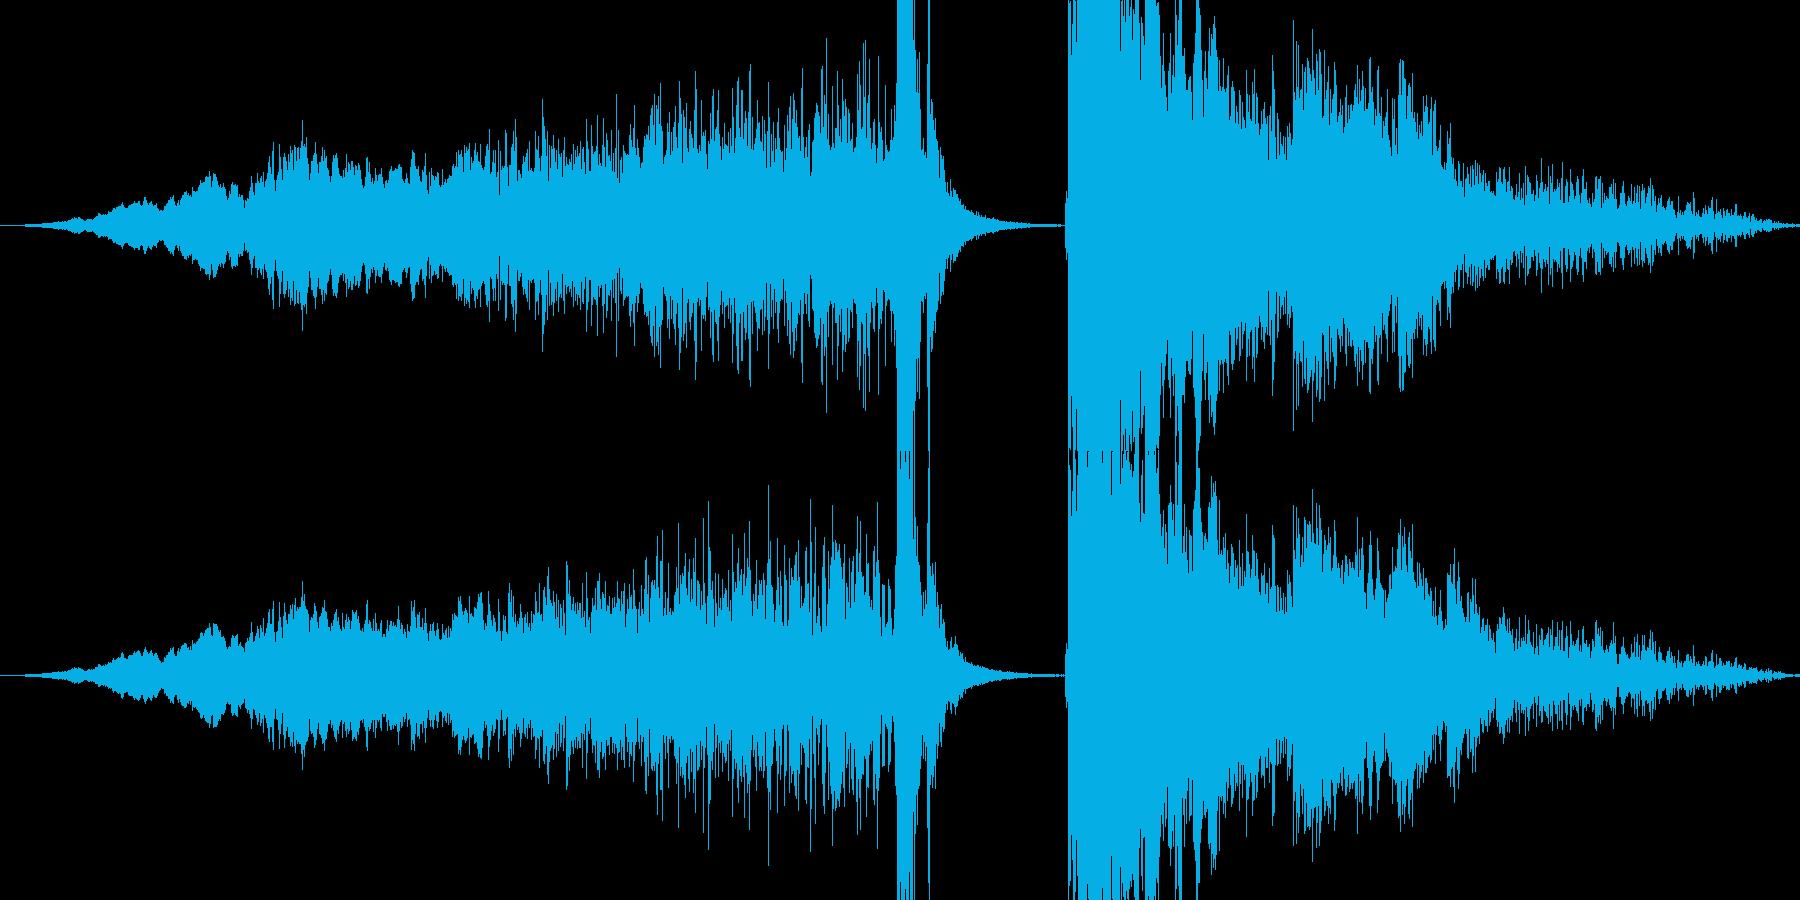 氷属性系攻撃音(キーンピシッバリーン)の再生済みの波形